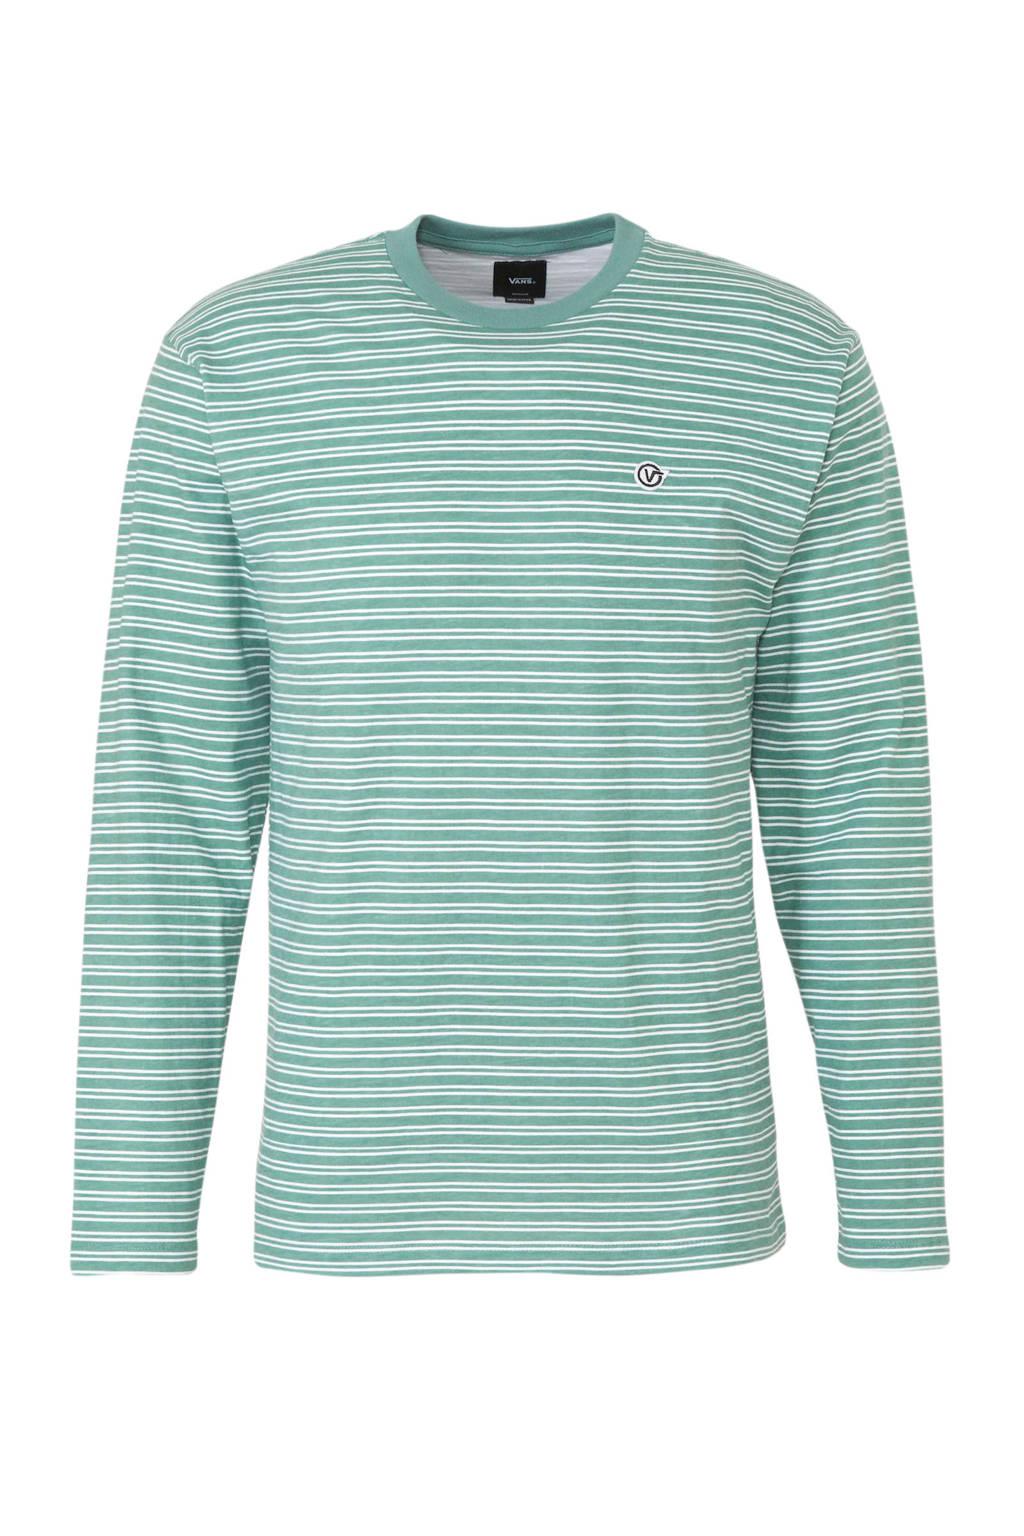 VANS   T-shirt groen/wit, Groen/wit